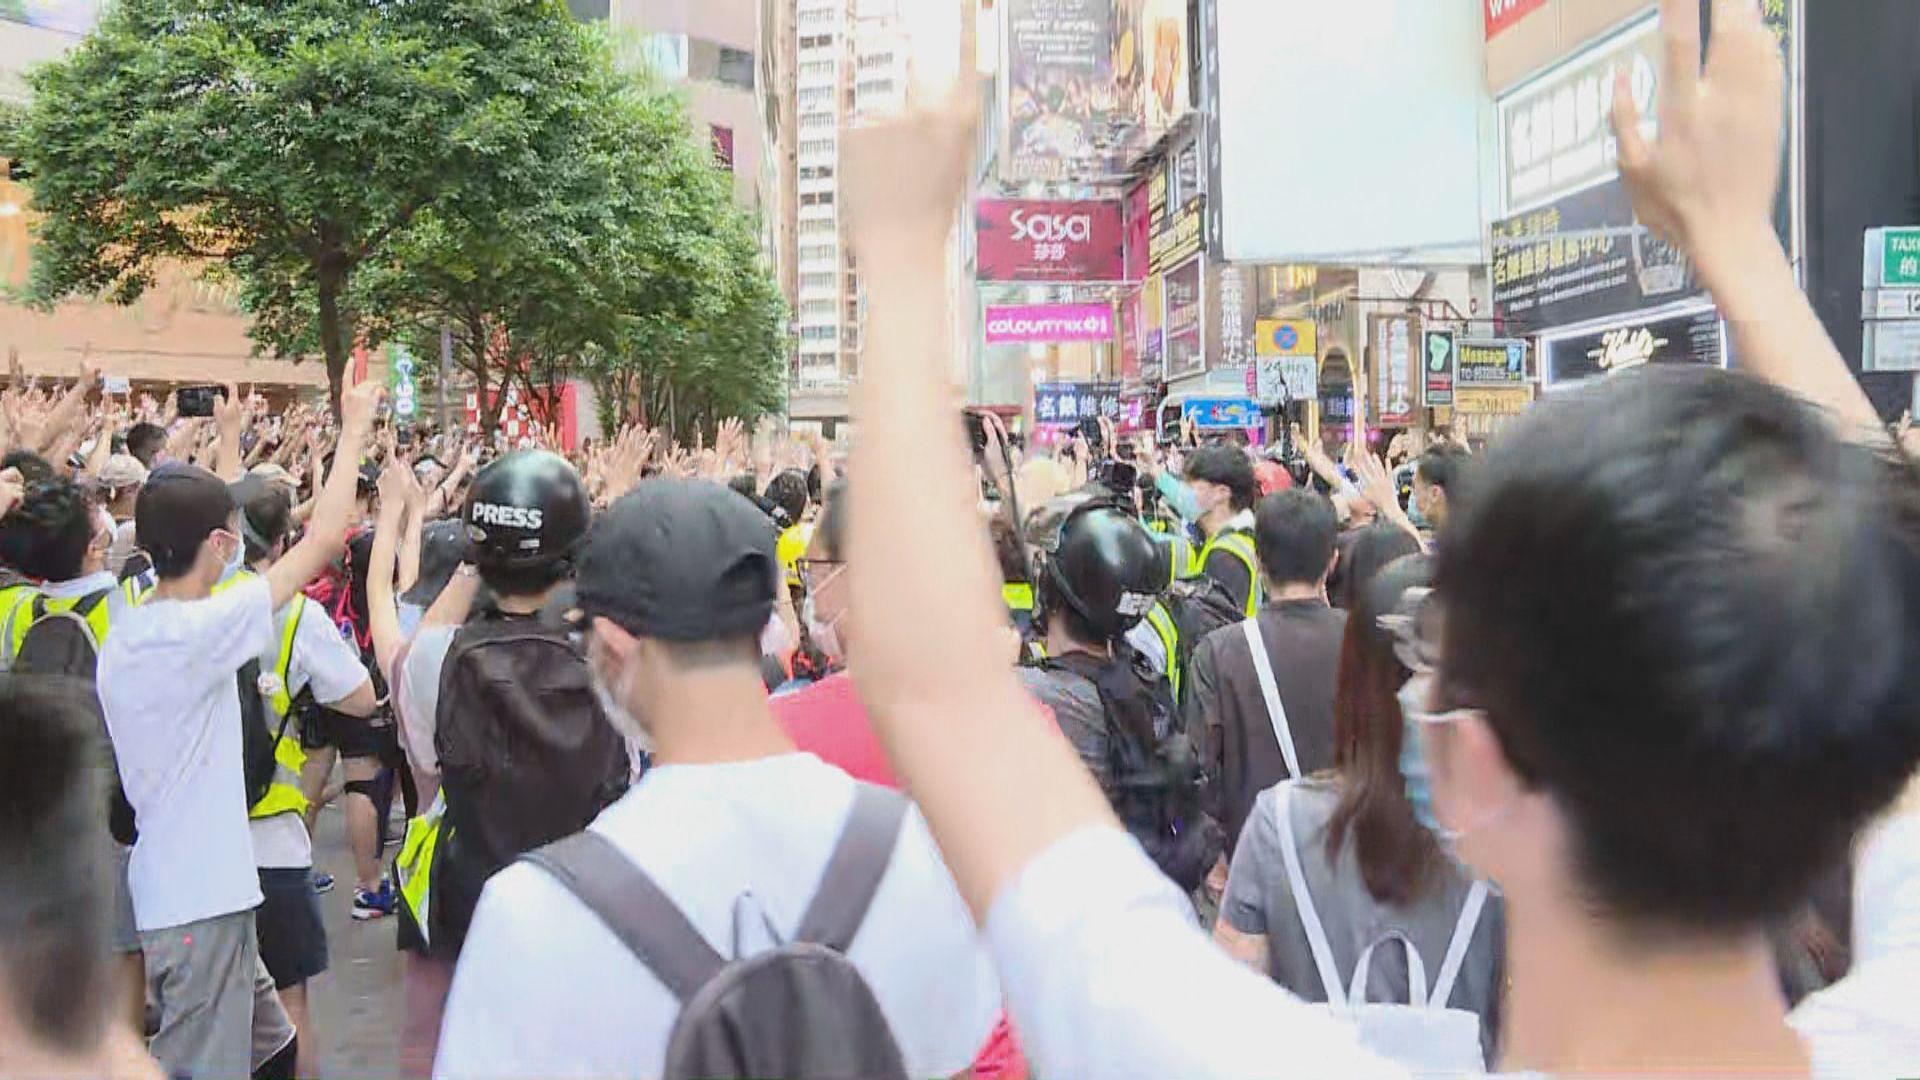 時代廣場外大批人聚集 警到場驅散